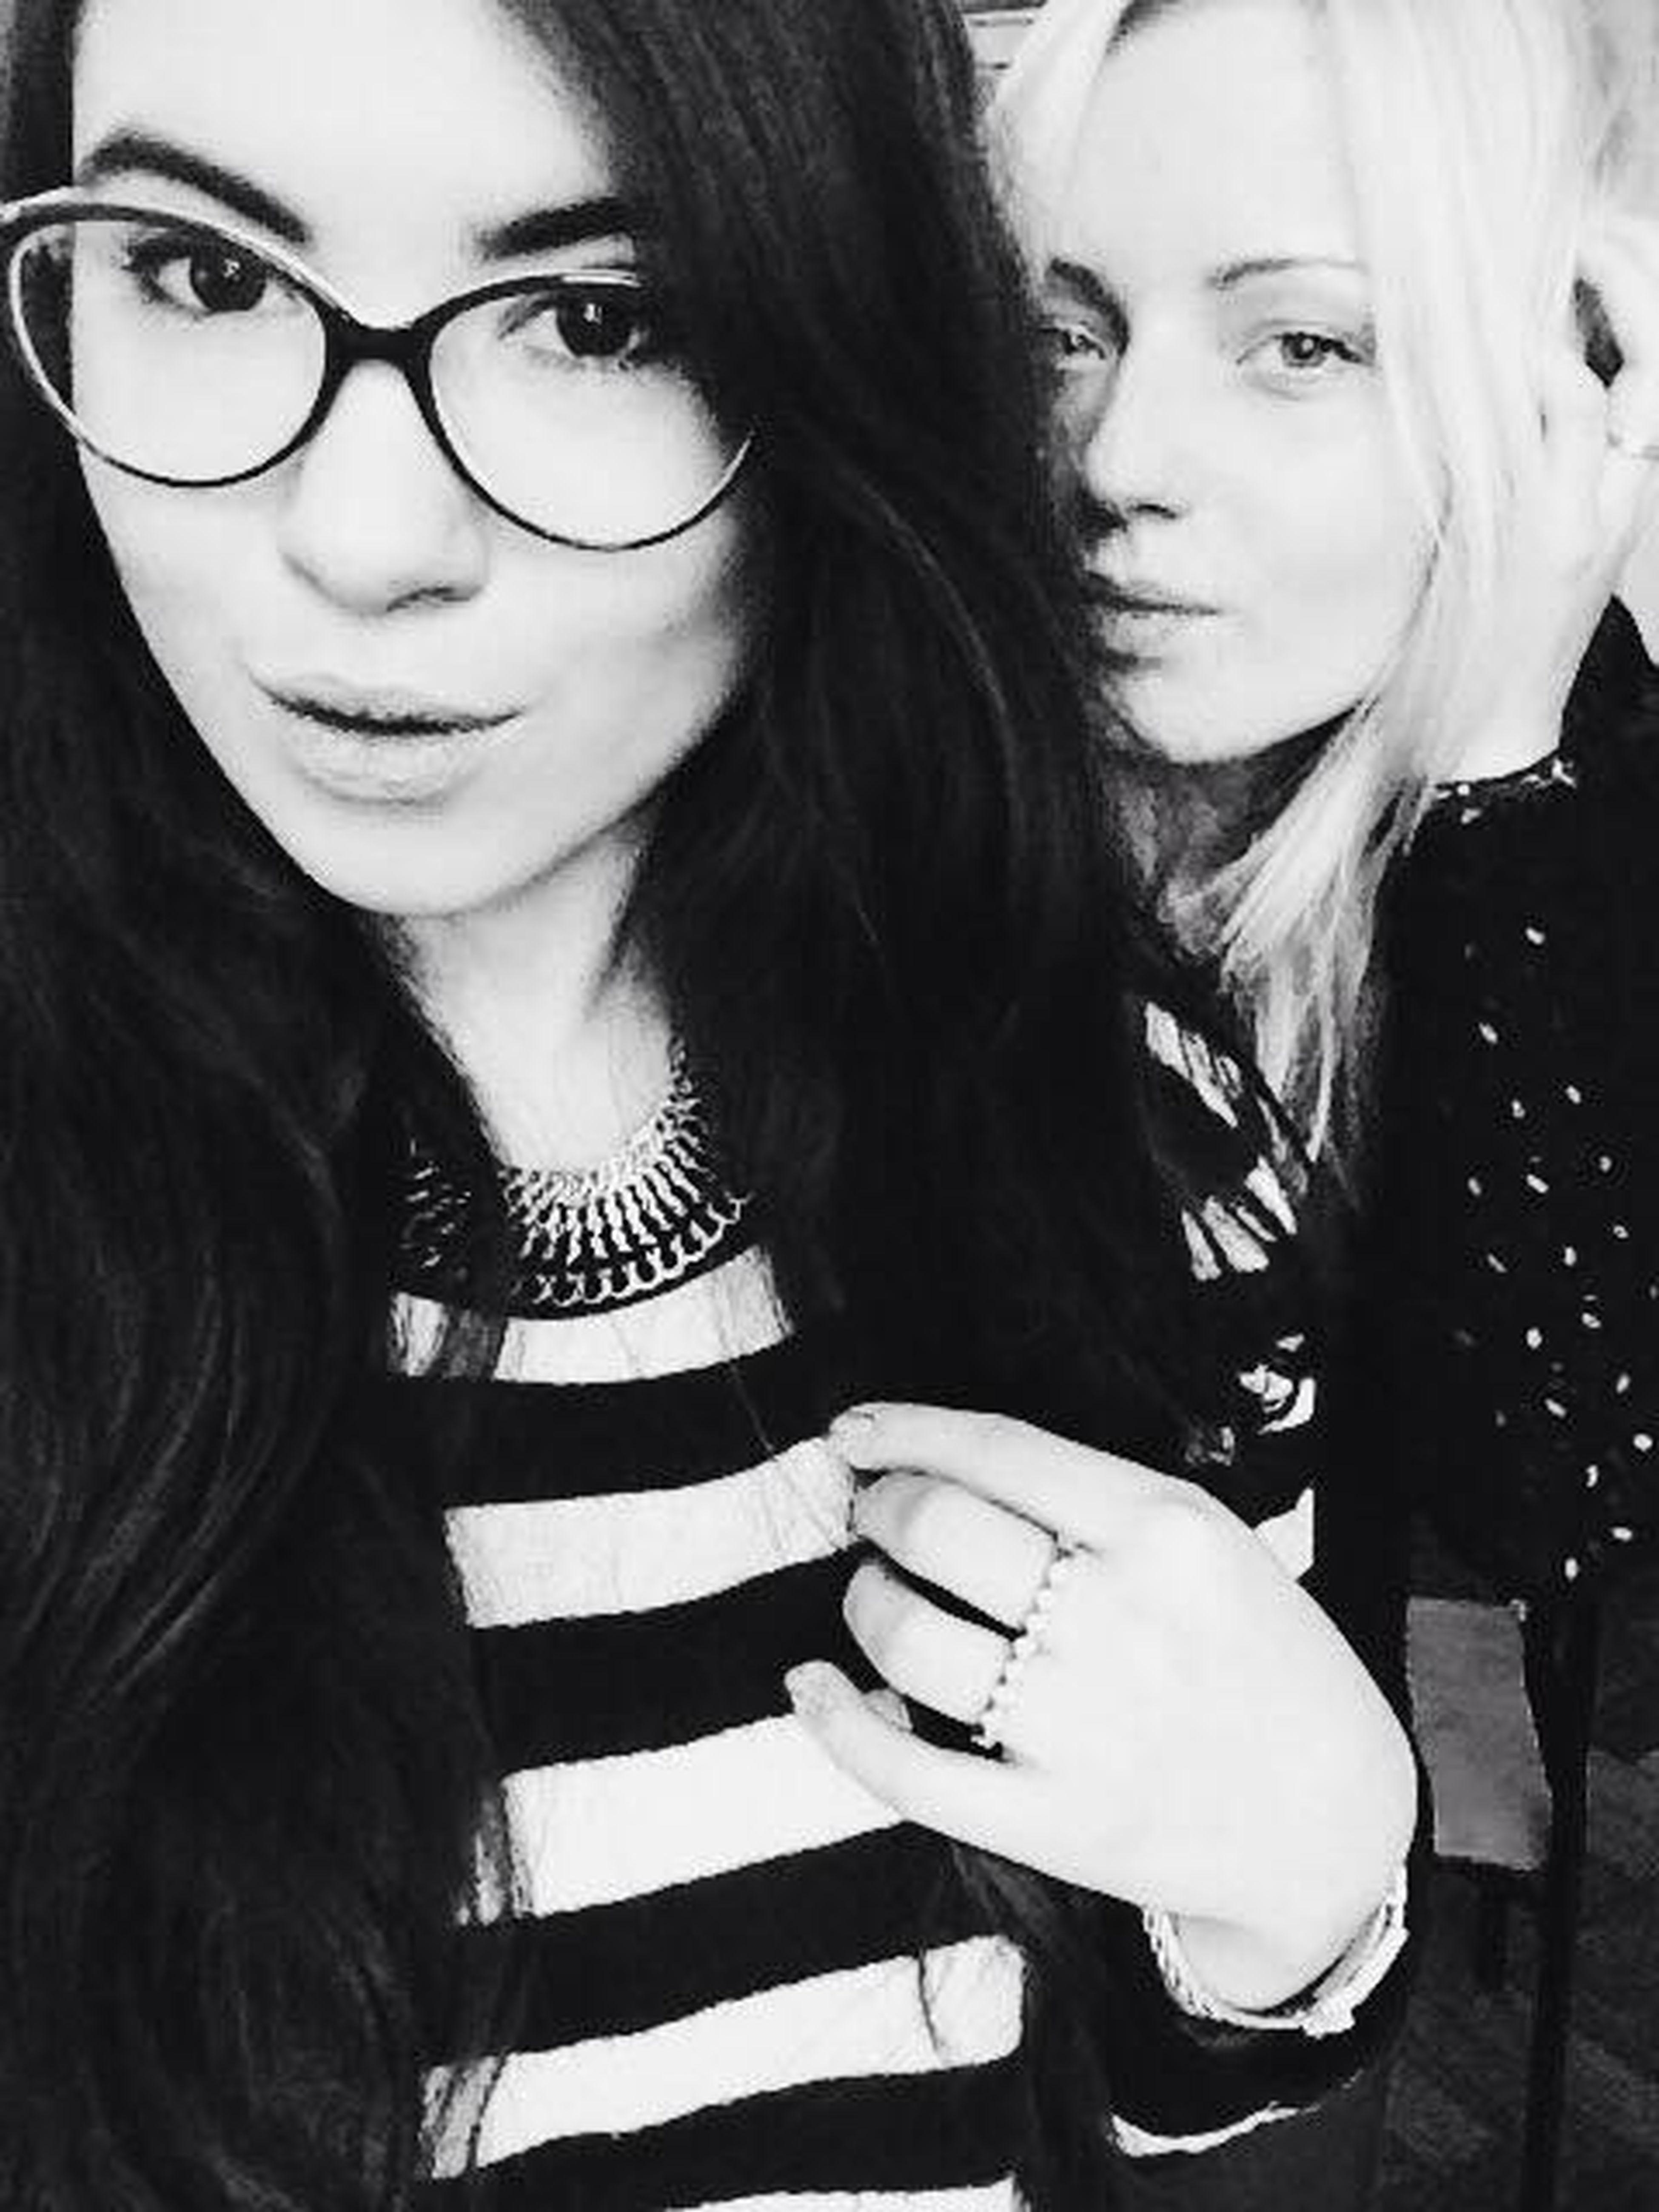 Black&white Classmate Blonde&brunette Daylight